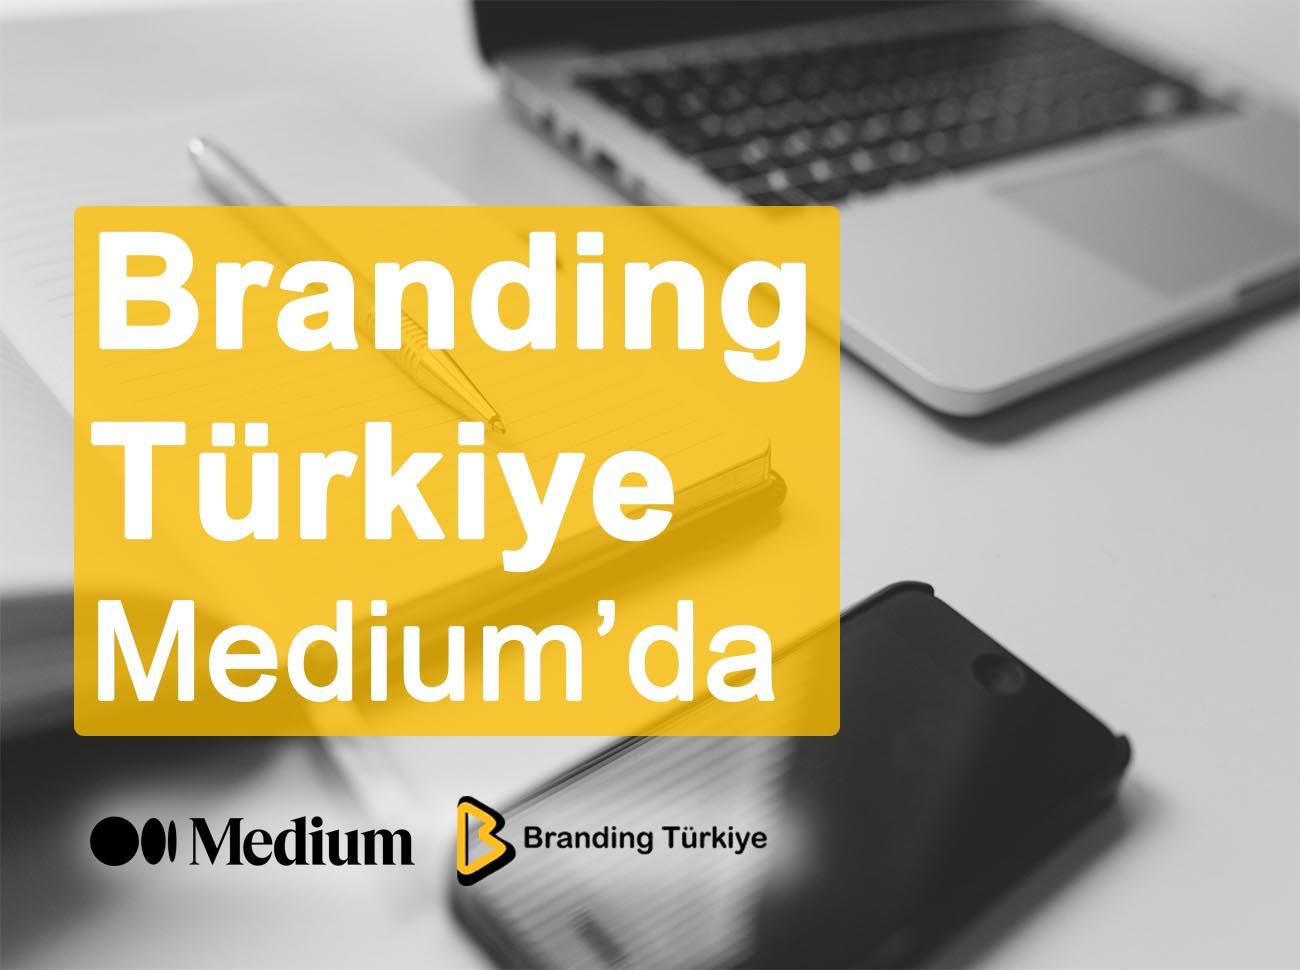 Branding Türkiye Medium'da